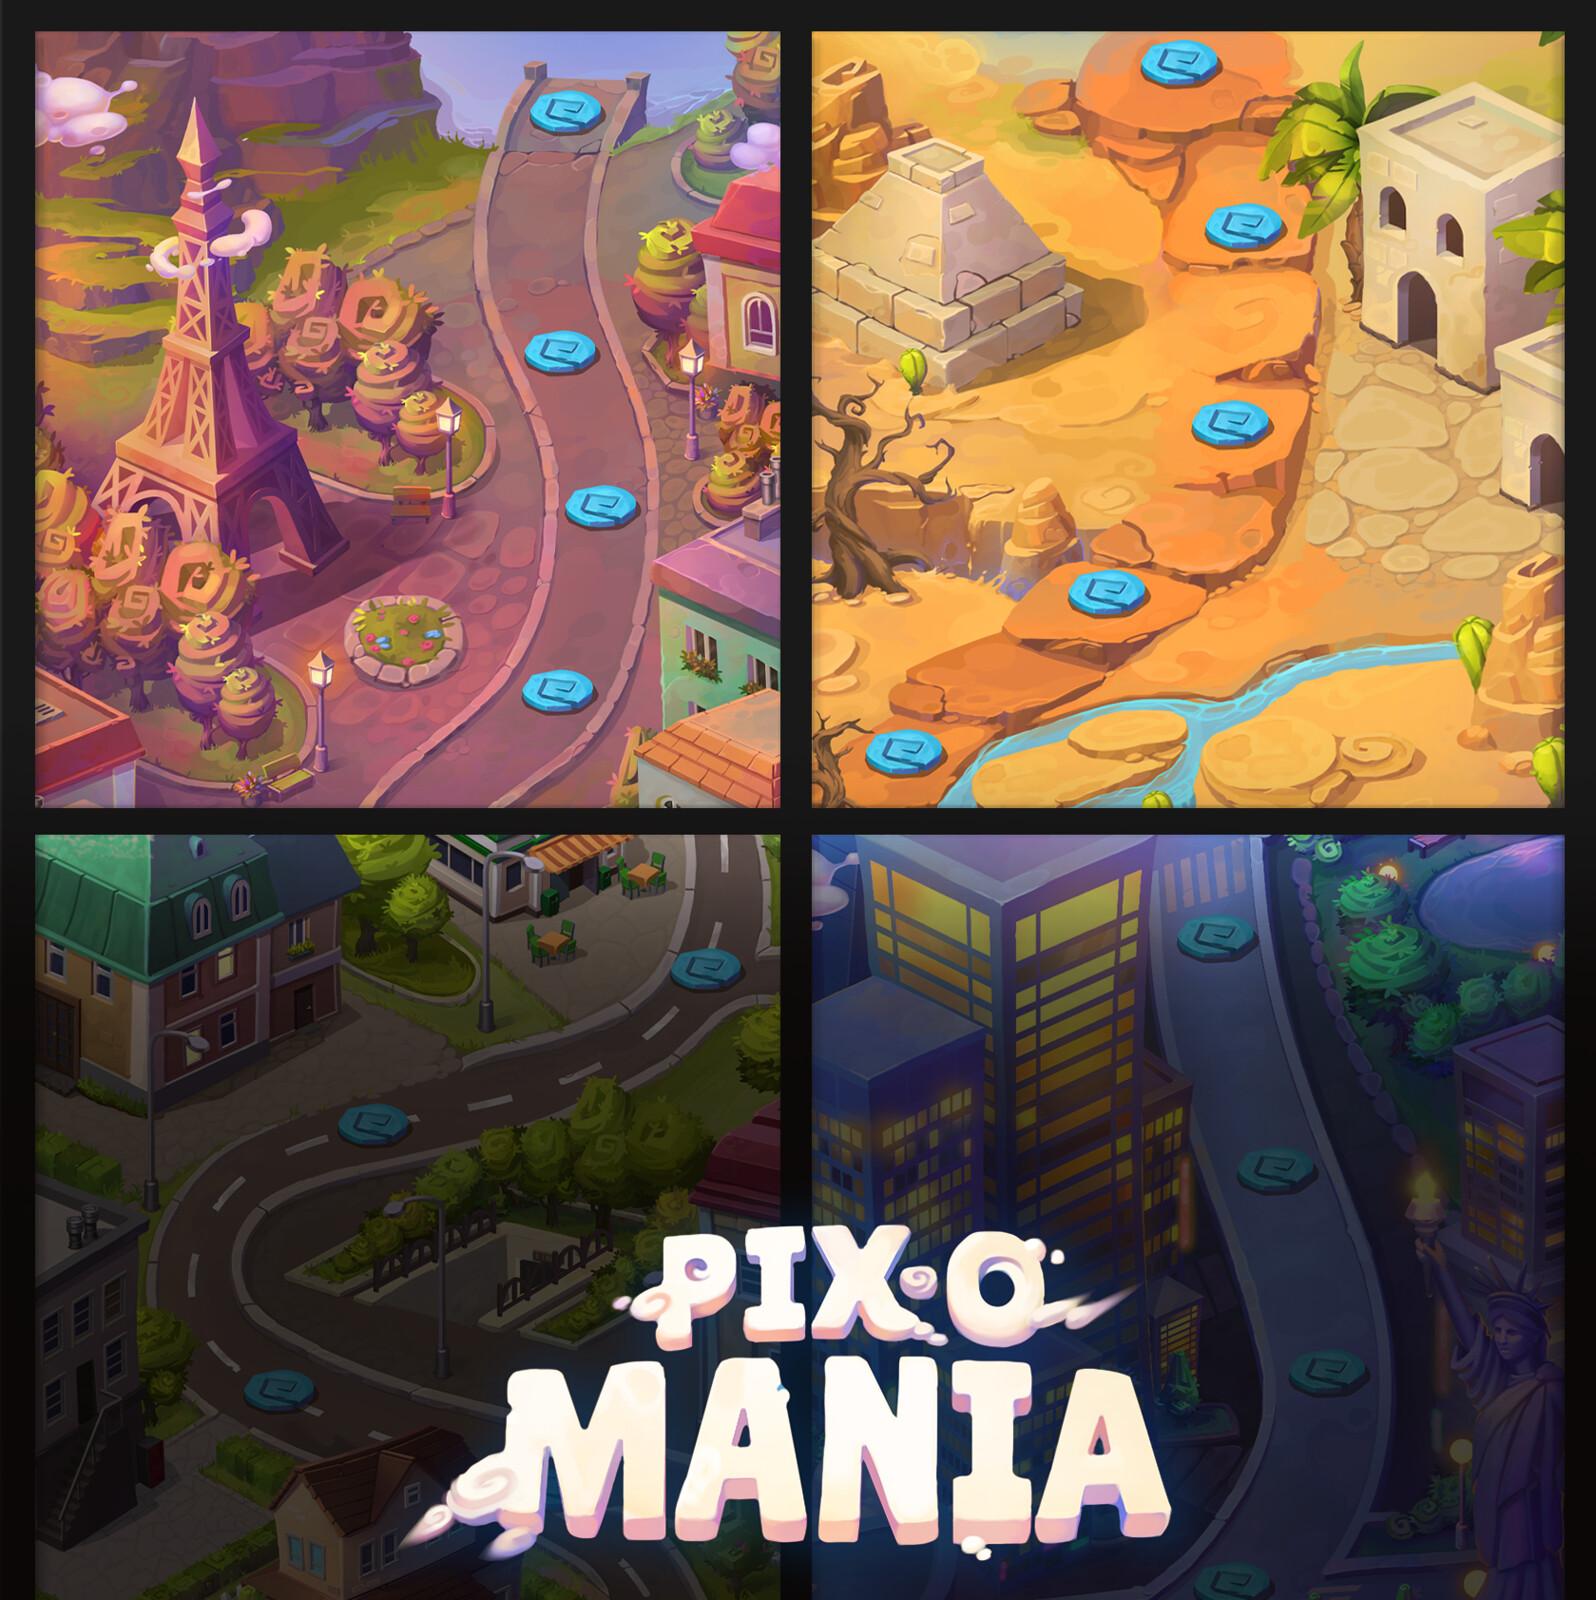 Pix-o-Mania